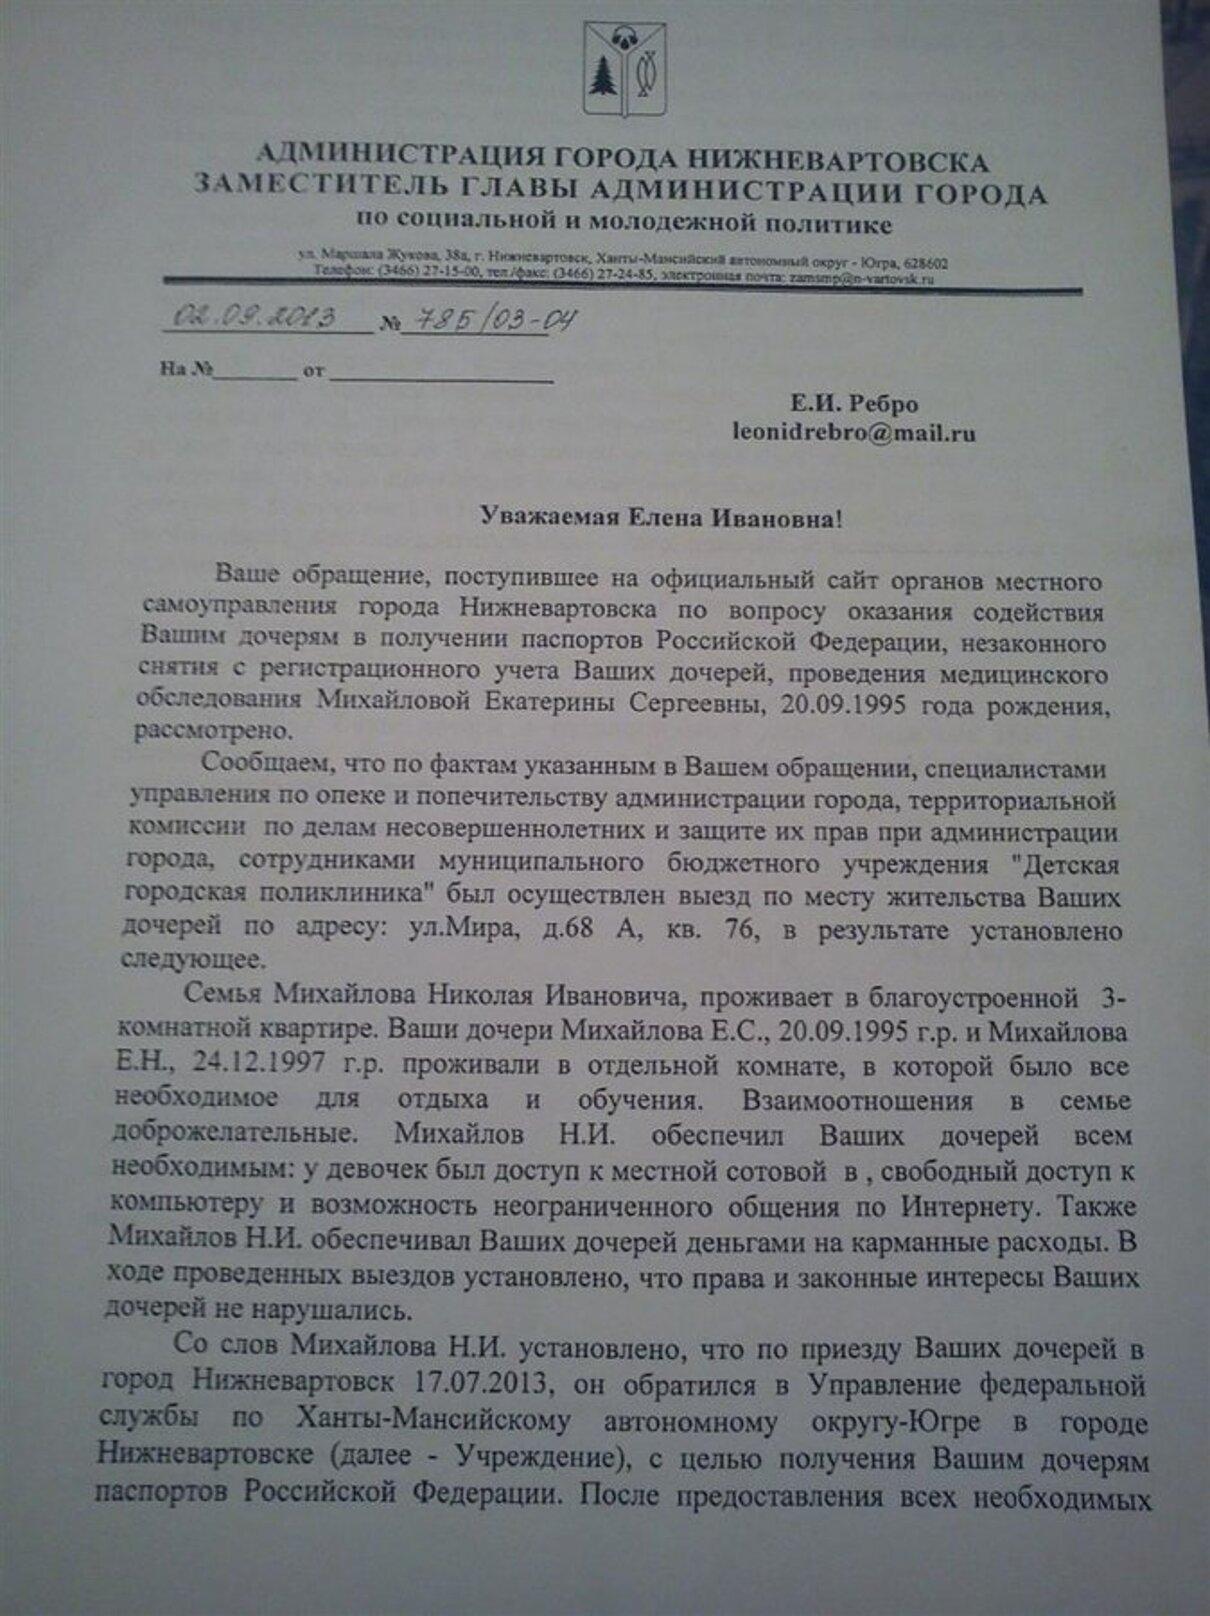 Жалоба-отзыв: Прокуратура РФ - Вы видели смерть в 17-ть лет?.  Фото №2